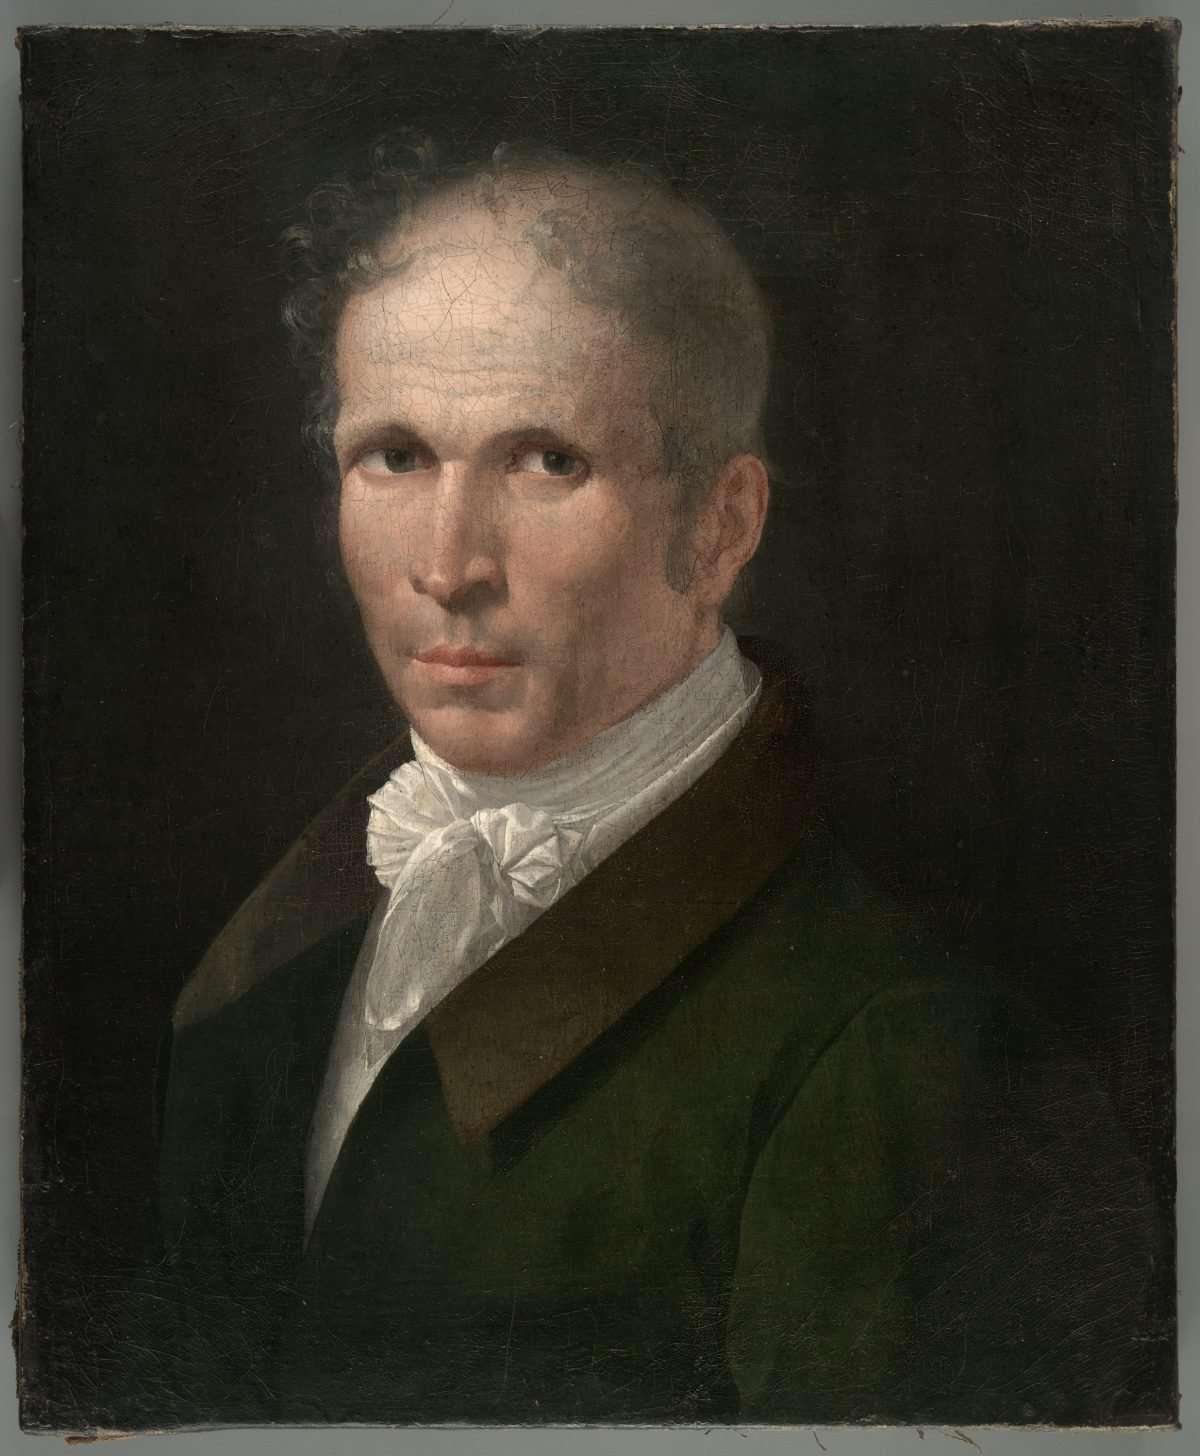 Ferdinando Fairfax